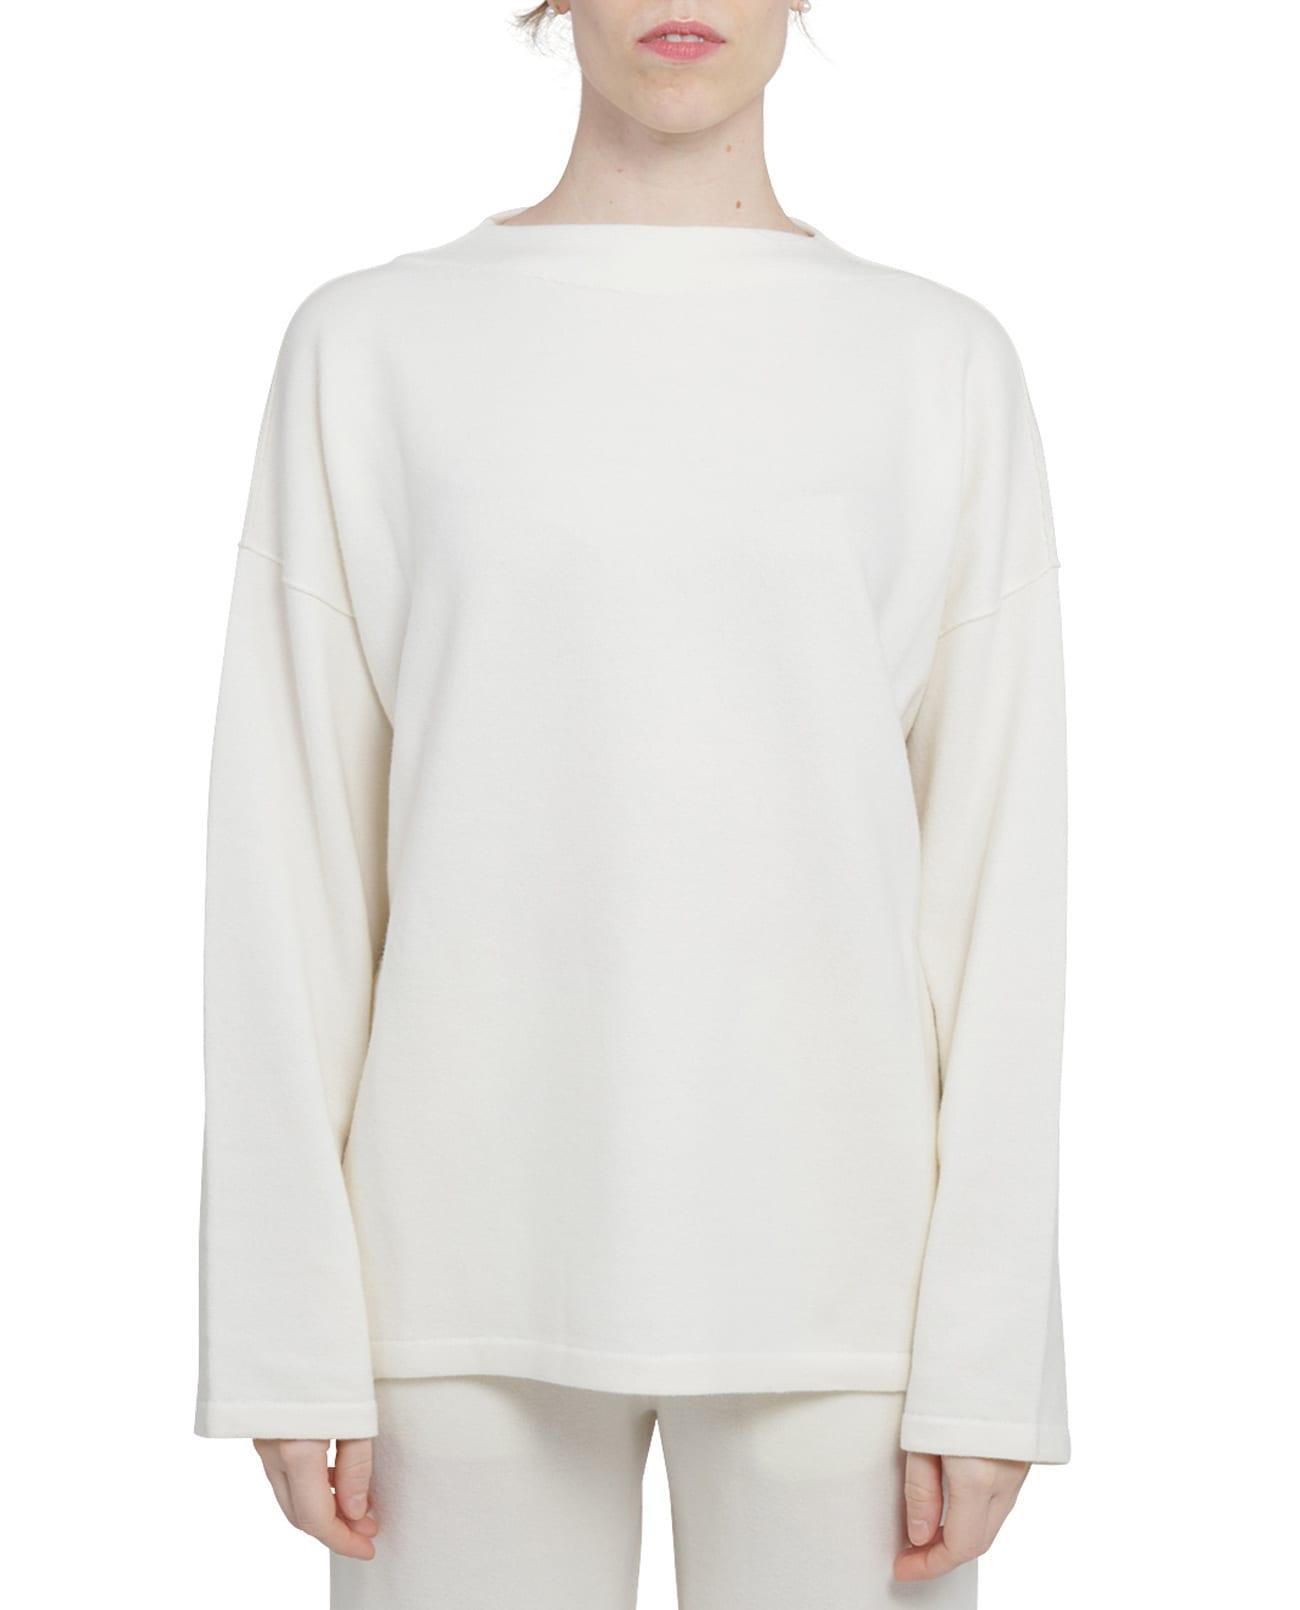 Portofino White Sweater